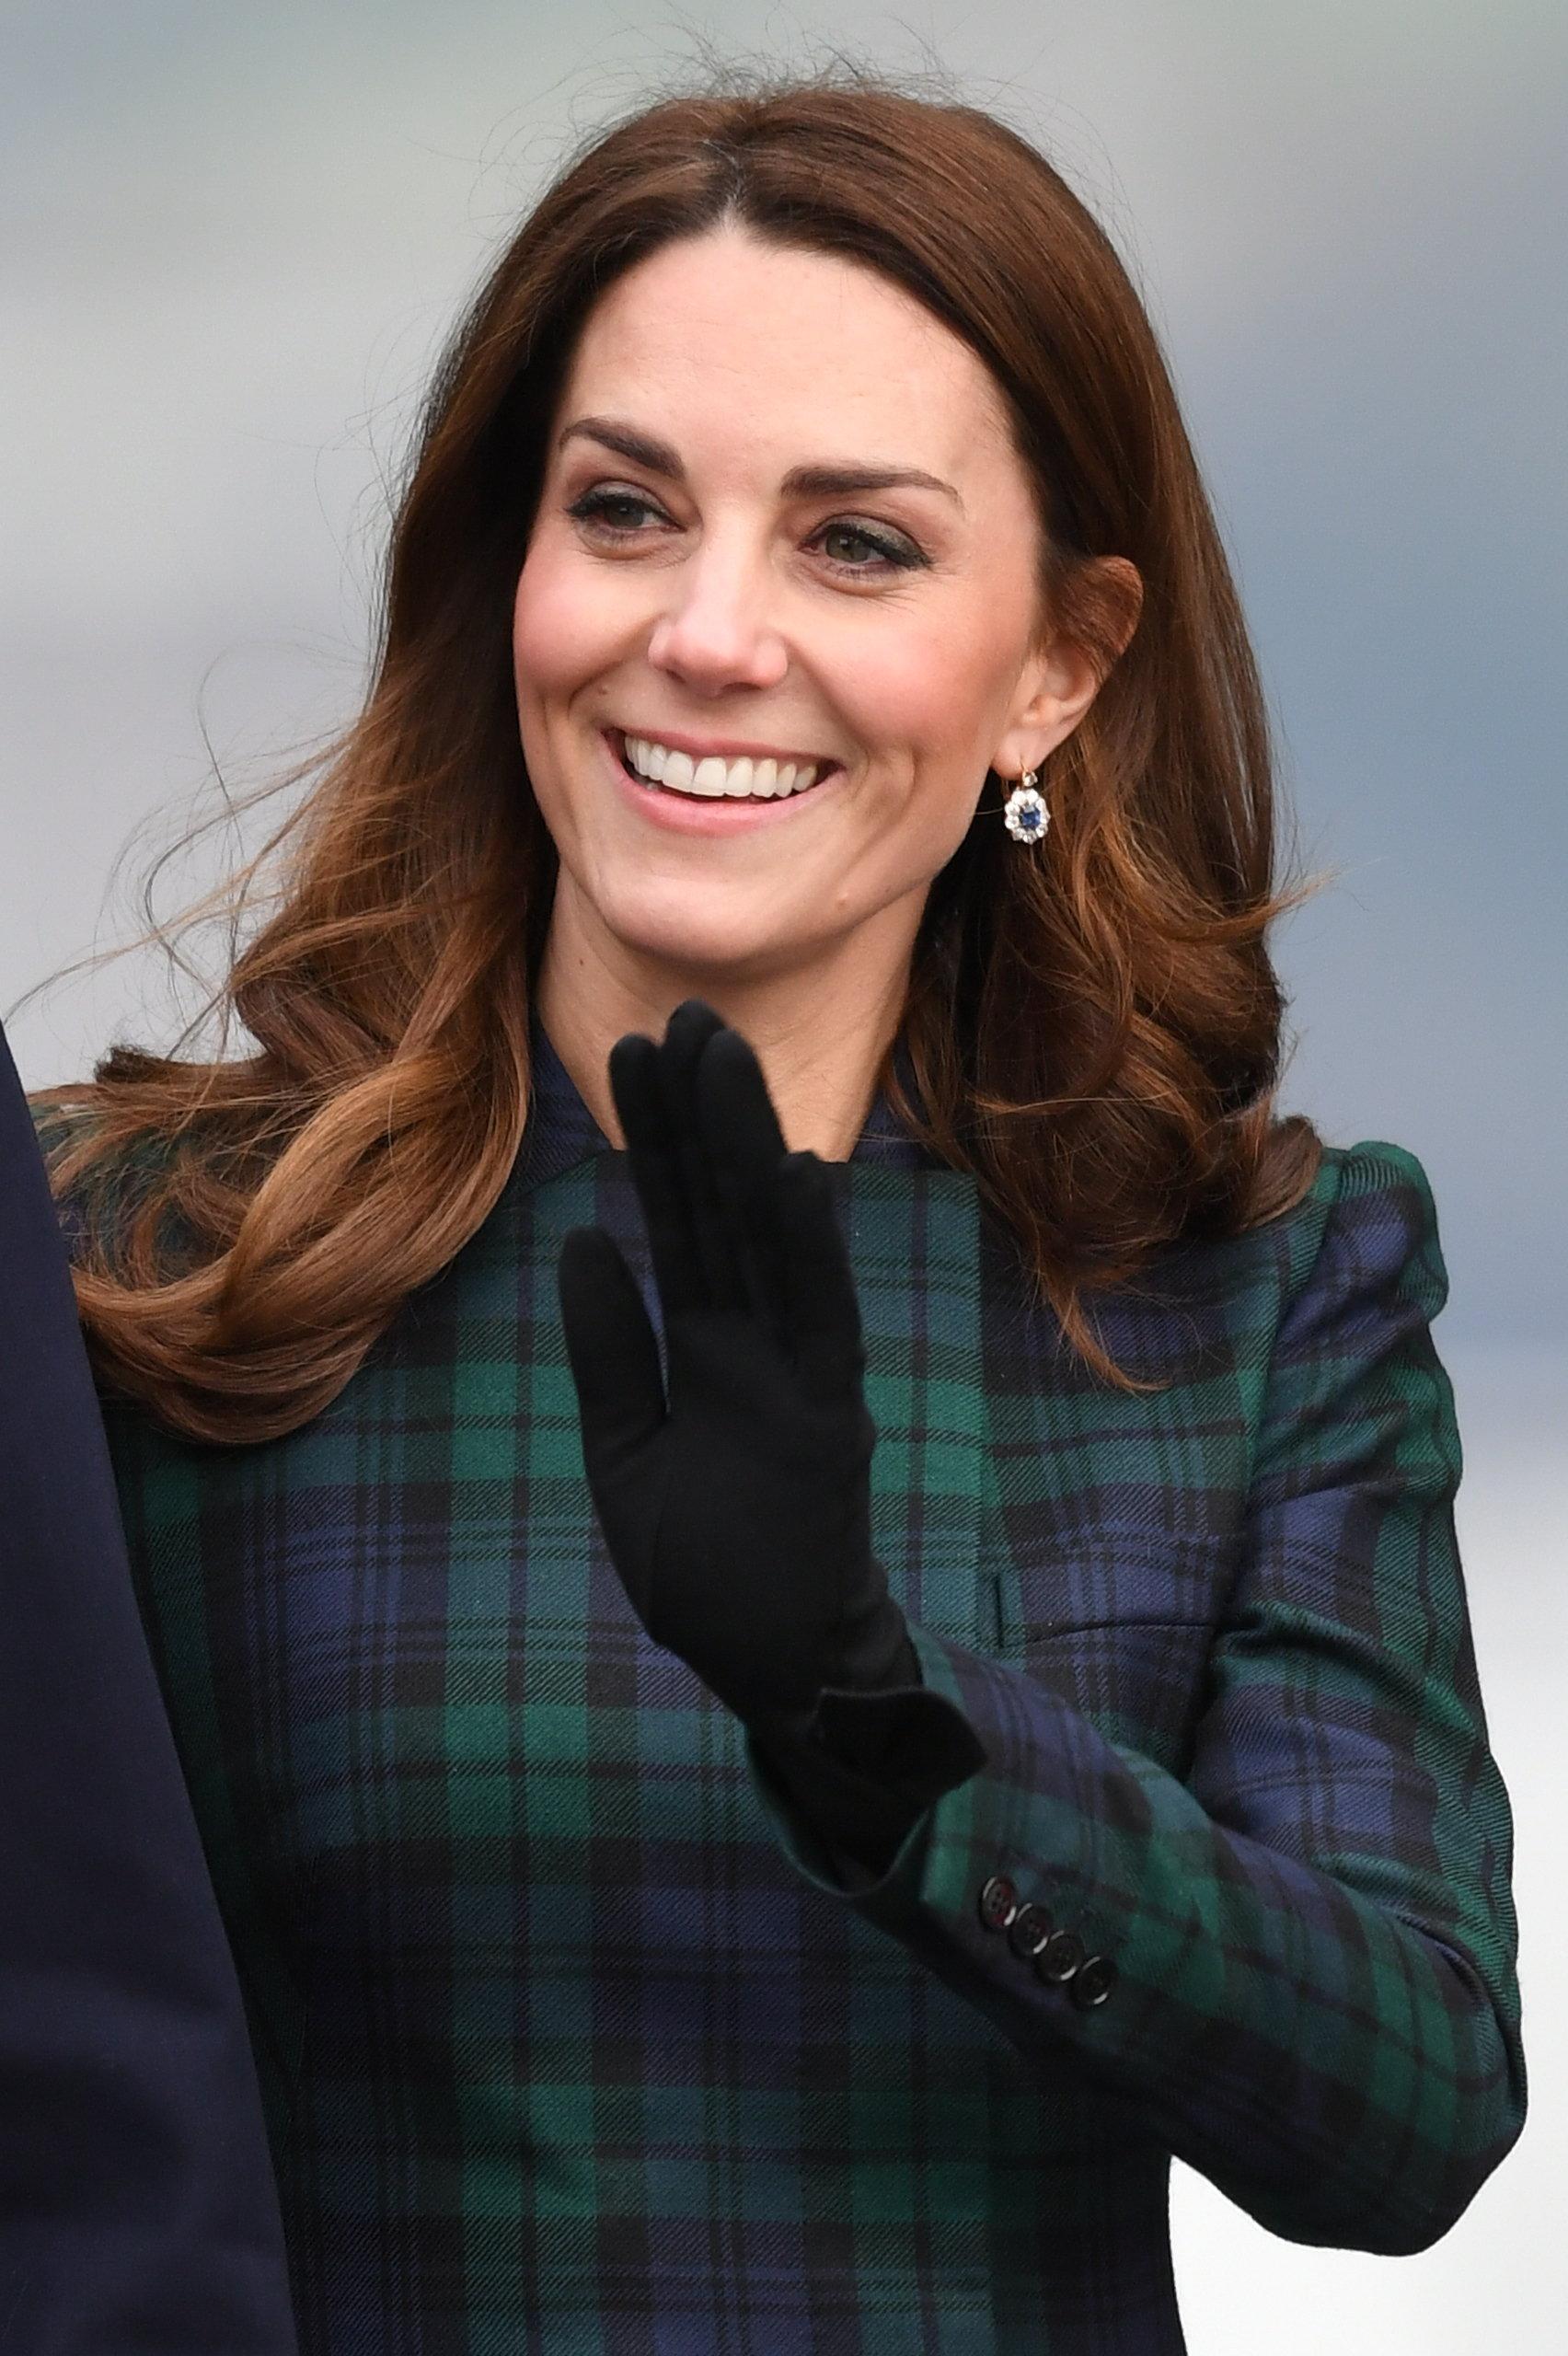 Kate odwiedziła Dundee. Ten szczegół stylizacji zdradza, komu oddała hołd